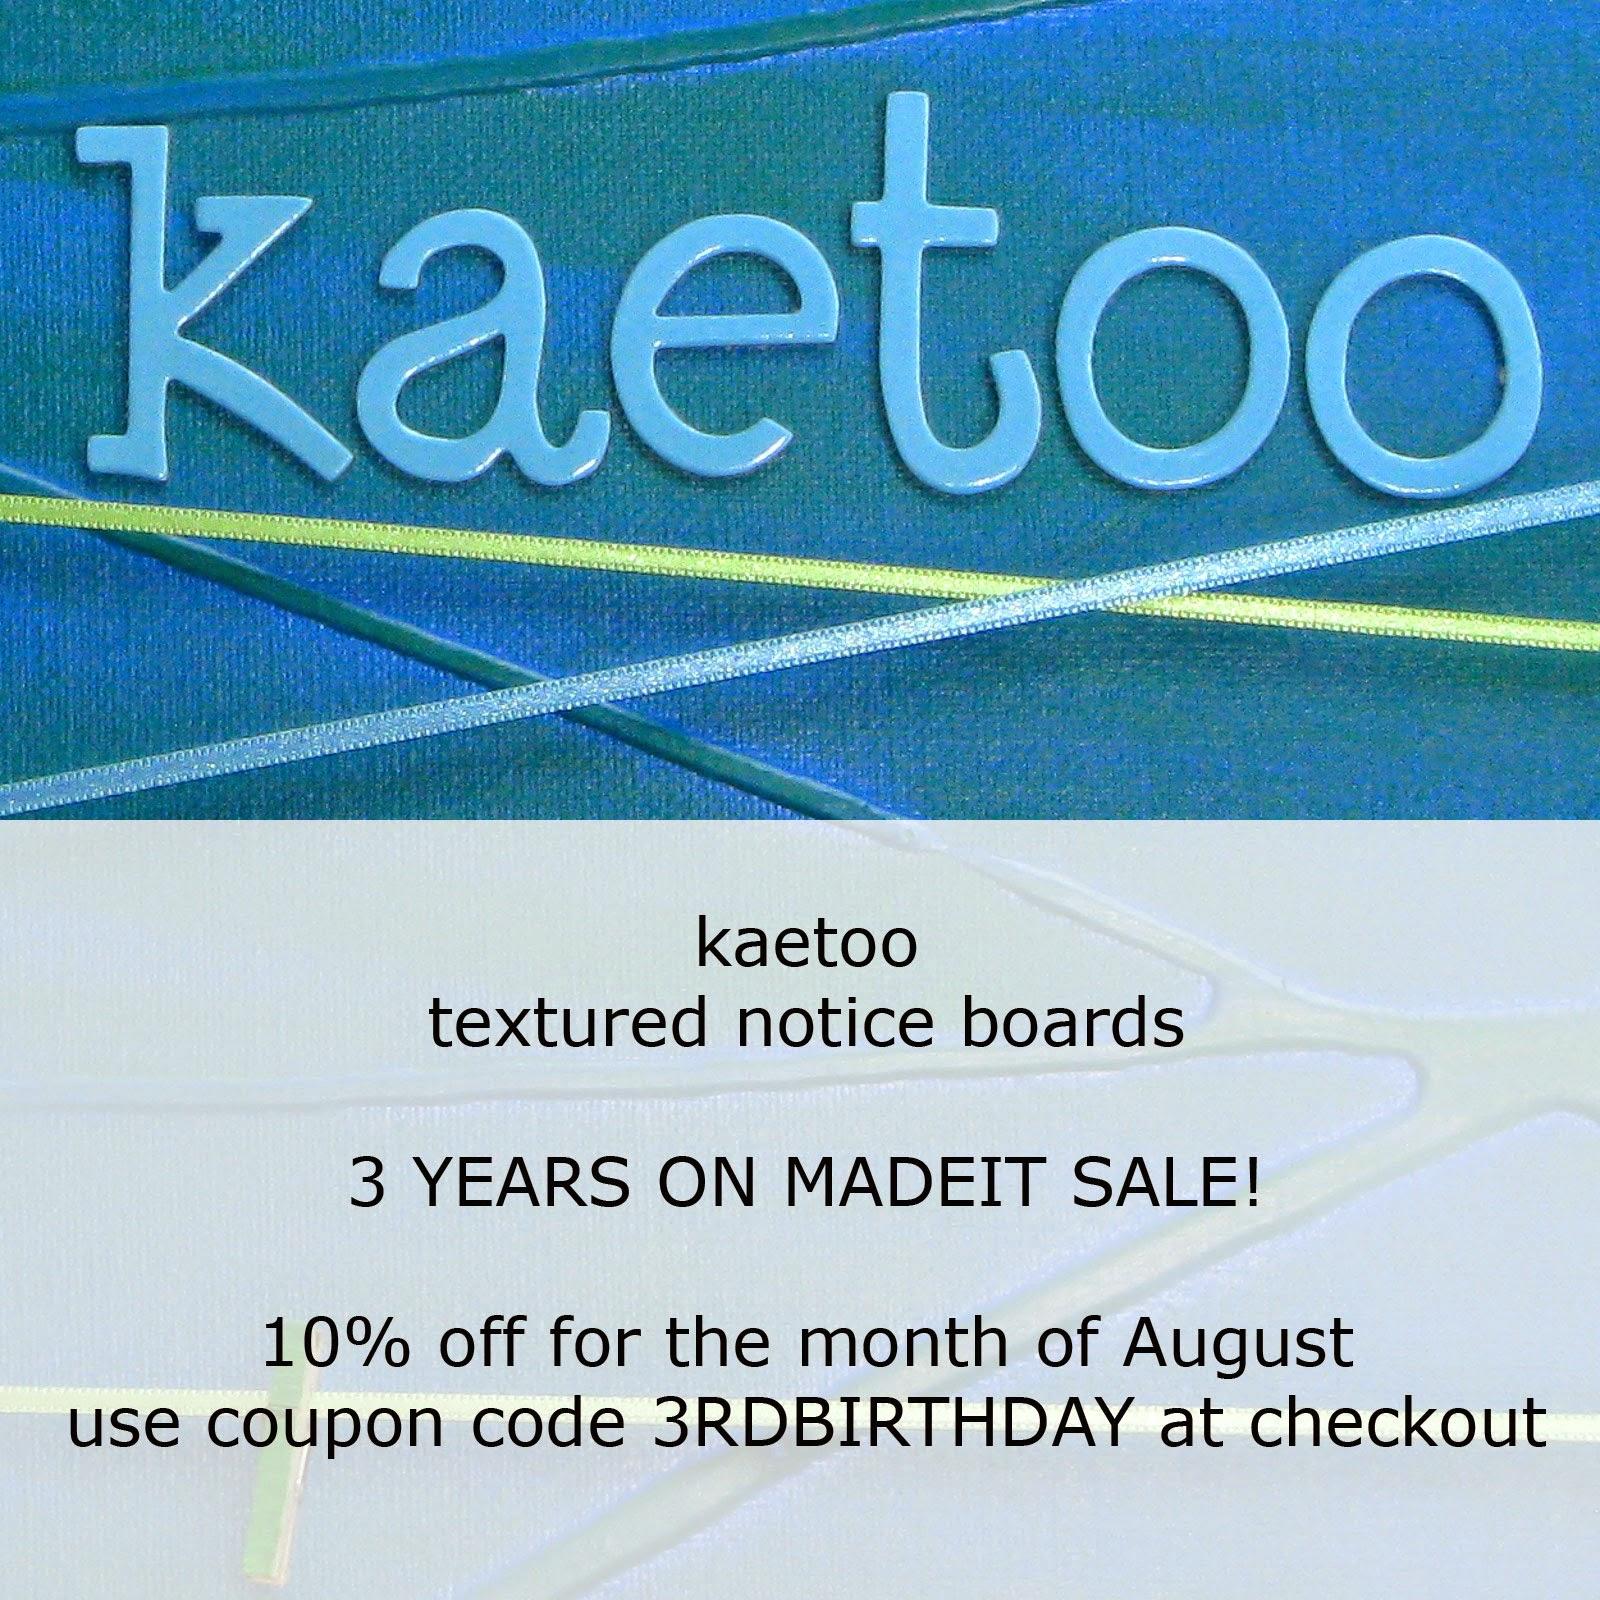 www.madeit.com.au/kaetoo